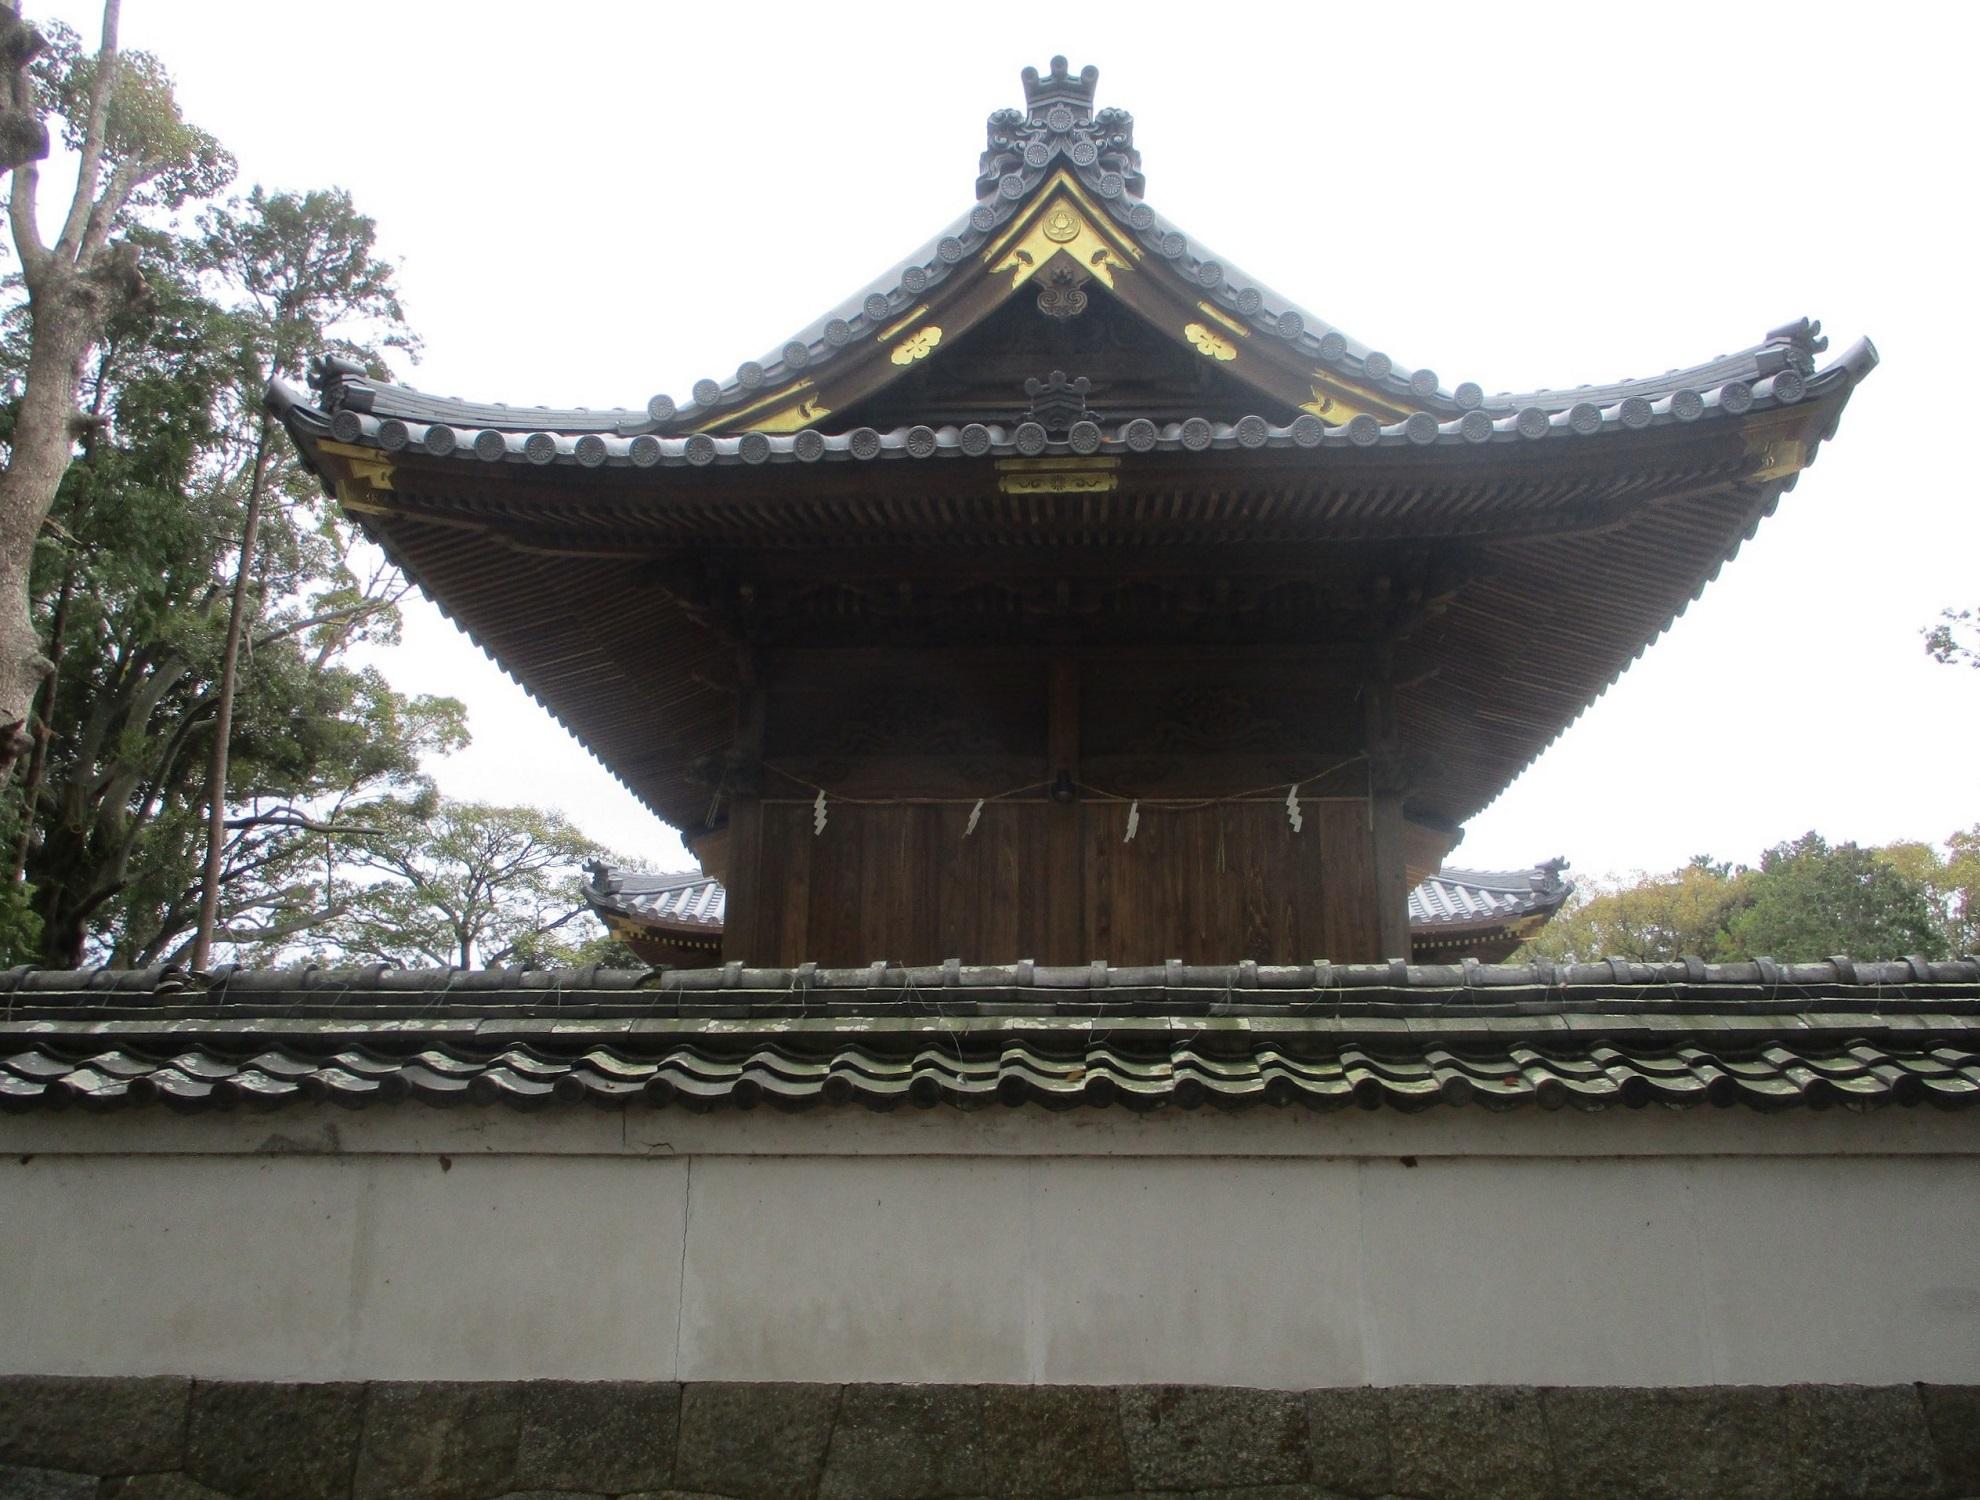 2020.3.28 (6) 古井神社 - 背面 1980-1500